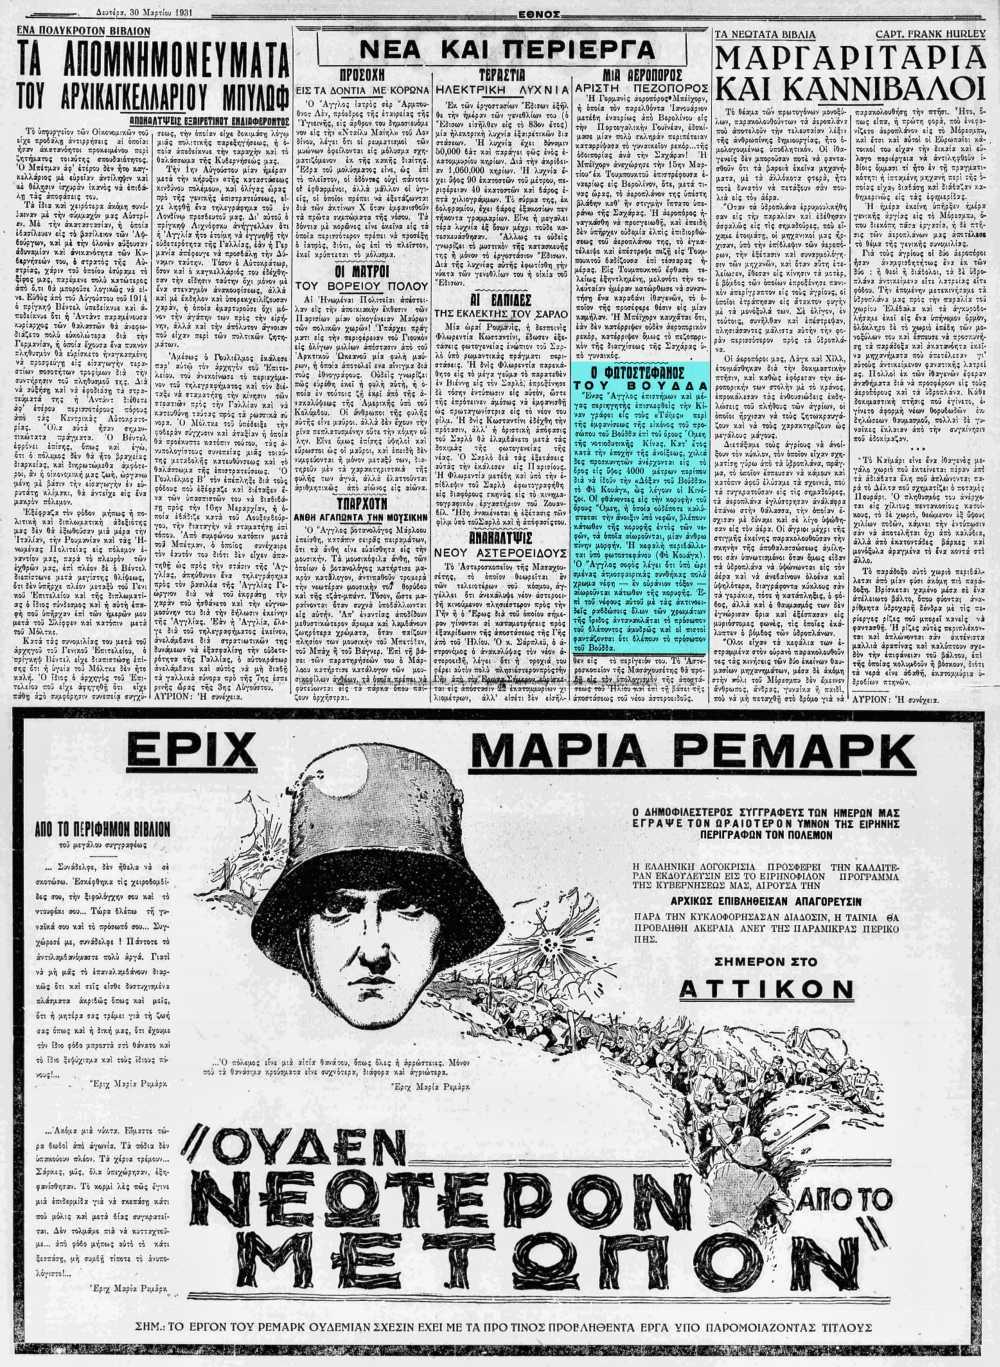 """Το άρθρο, όπως δημοσιεύθηκε στην εφημερίδα """"ΕΘΝΟΣ"""", στις 30/03/1931"""